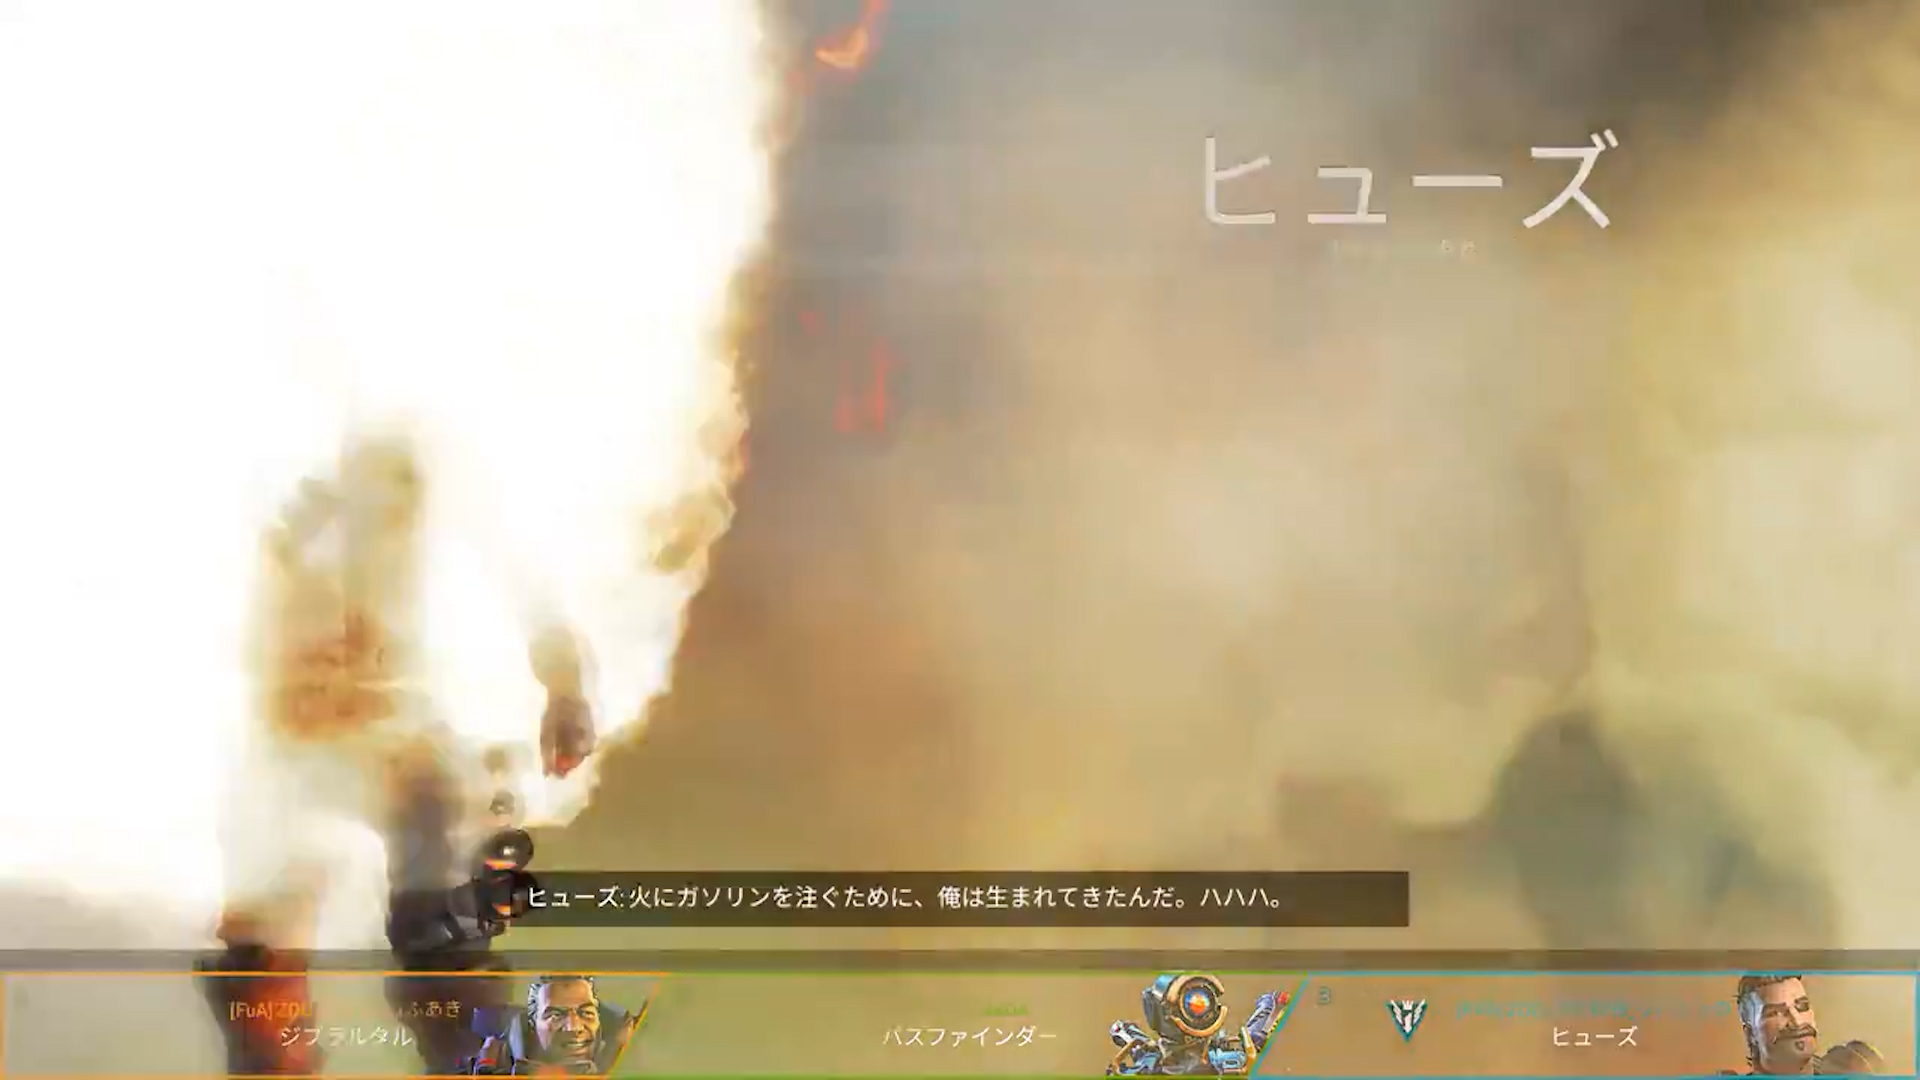 【APEX】キャラクター選択画面で自爆するヒューズ